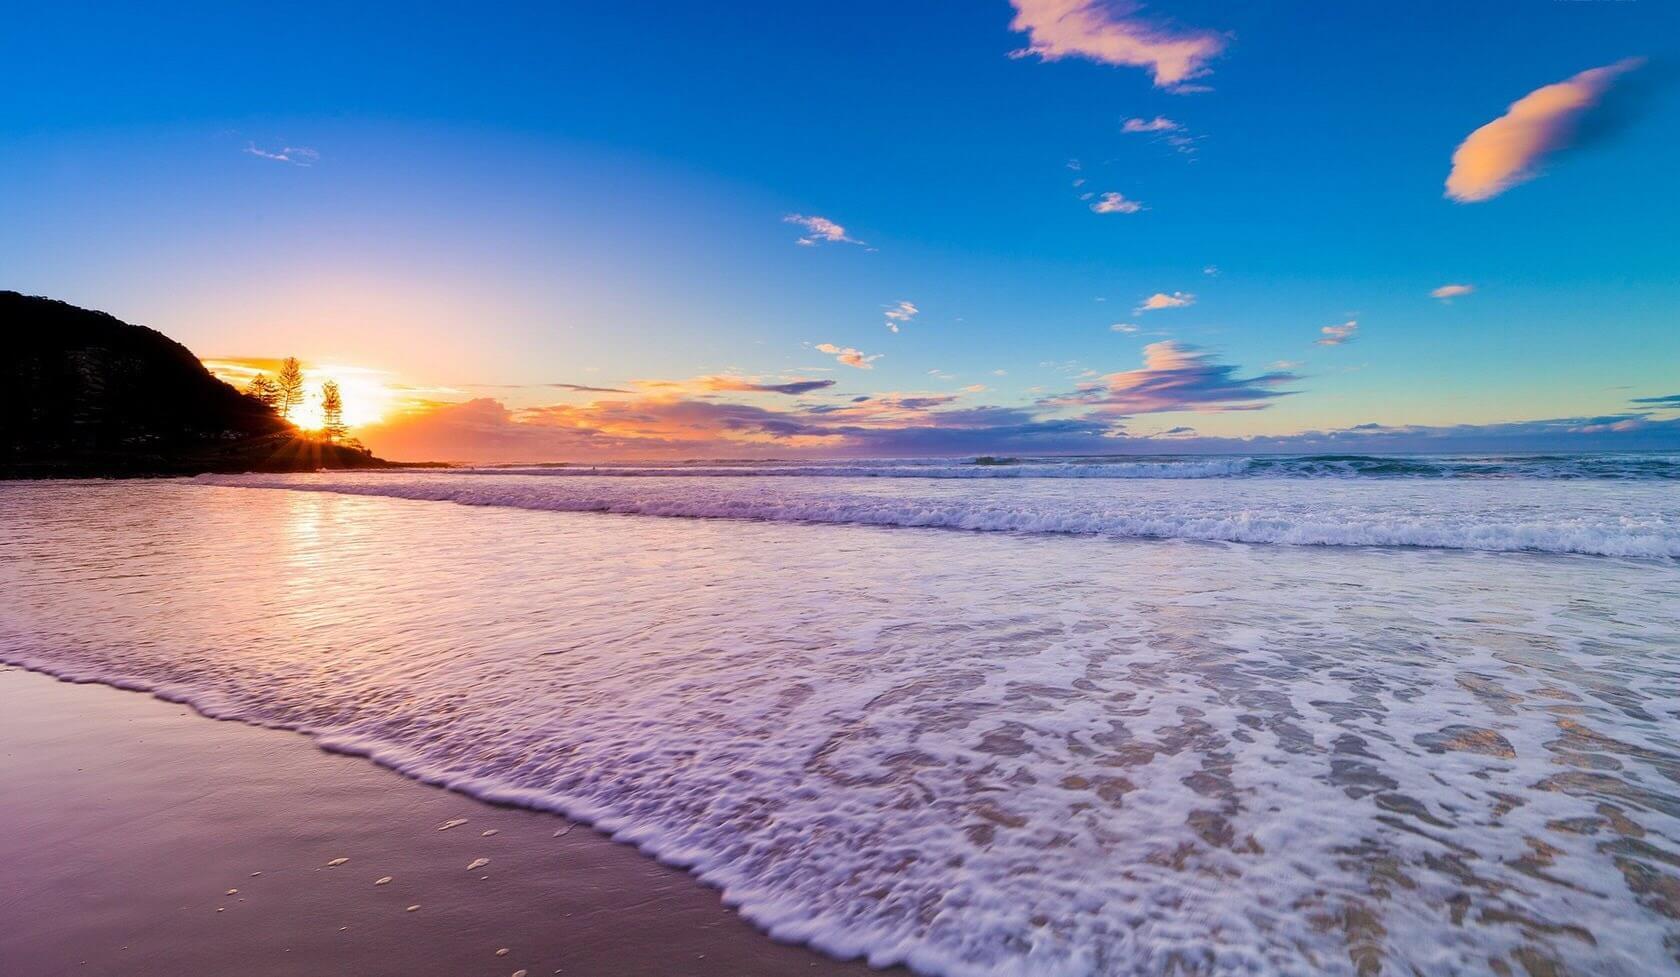 Pondicherry: The New Goa